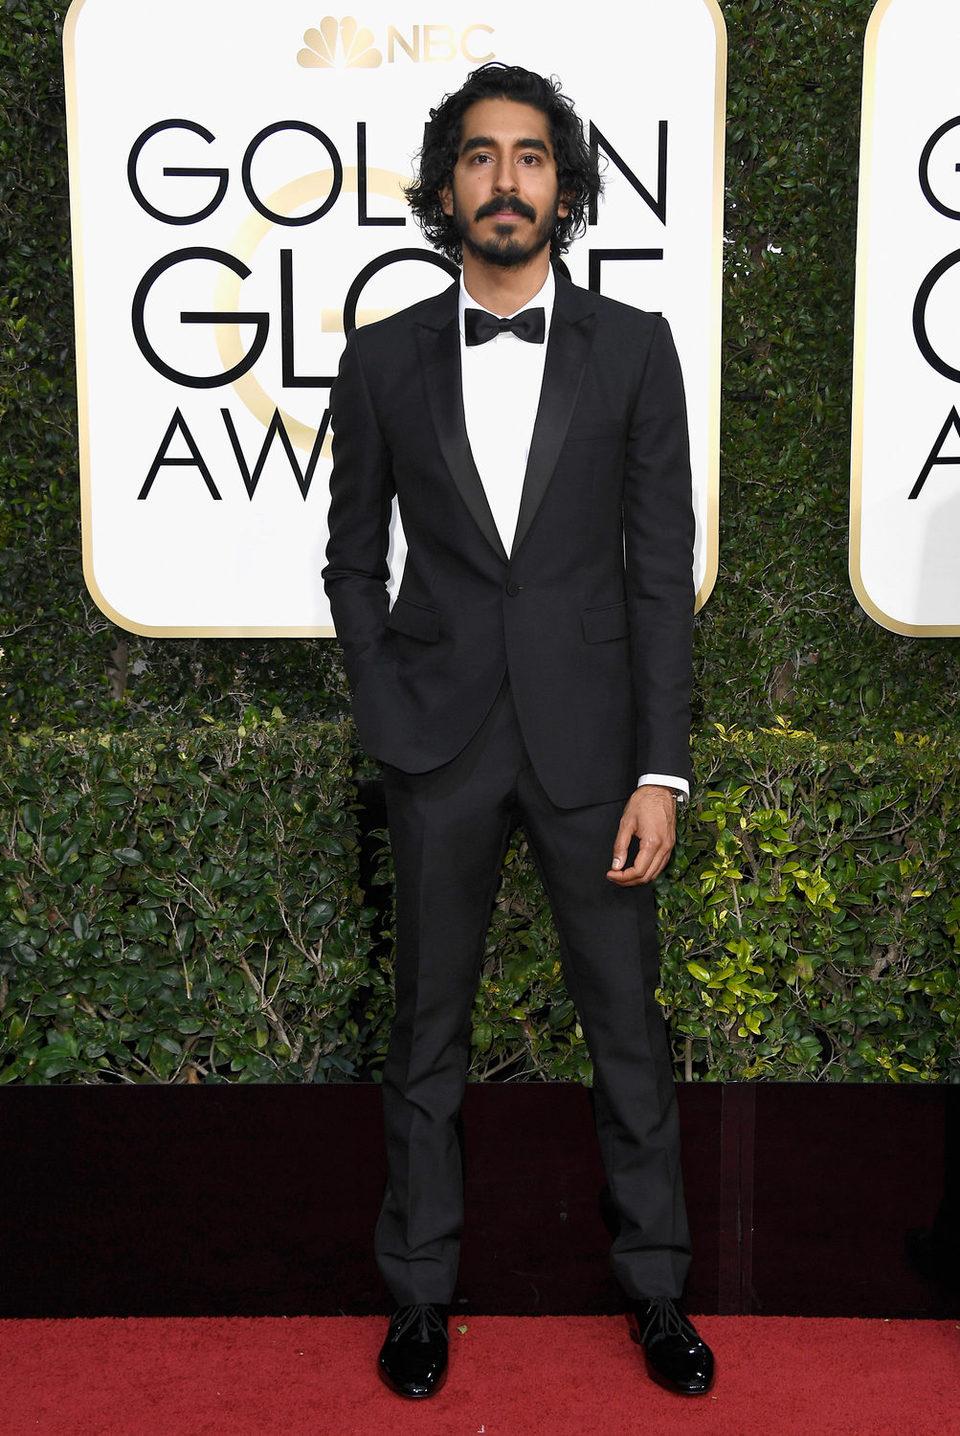 Dev Patel at the 2017 Golden Globes red carpet